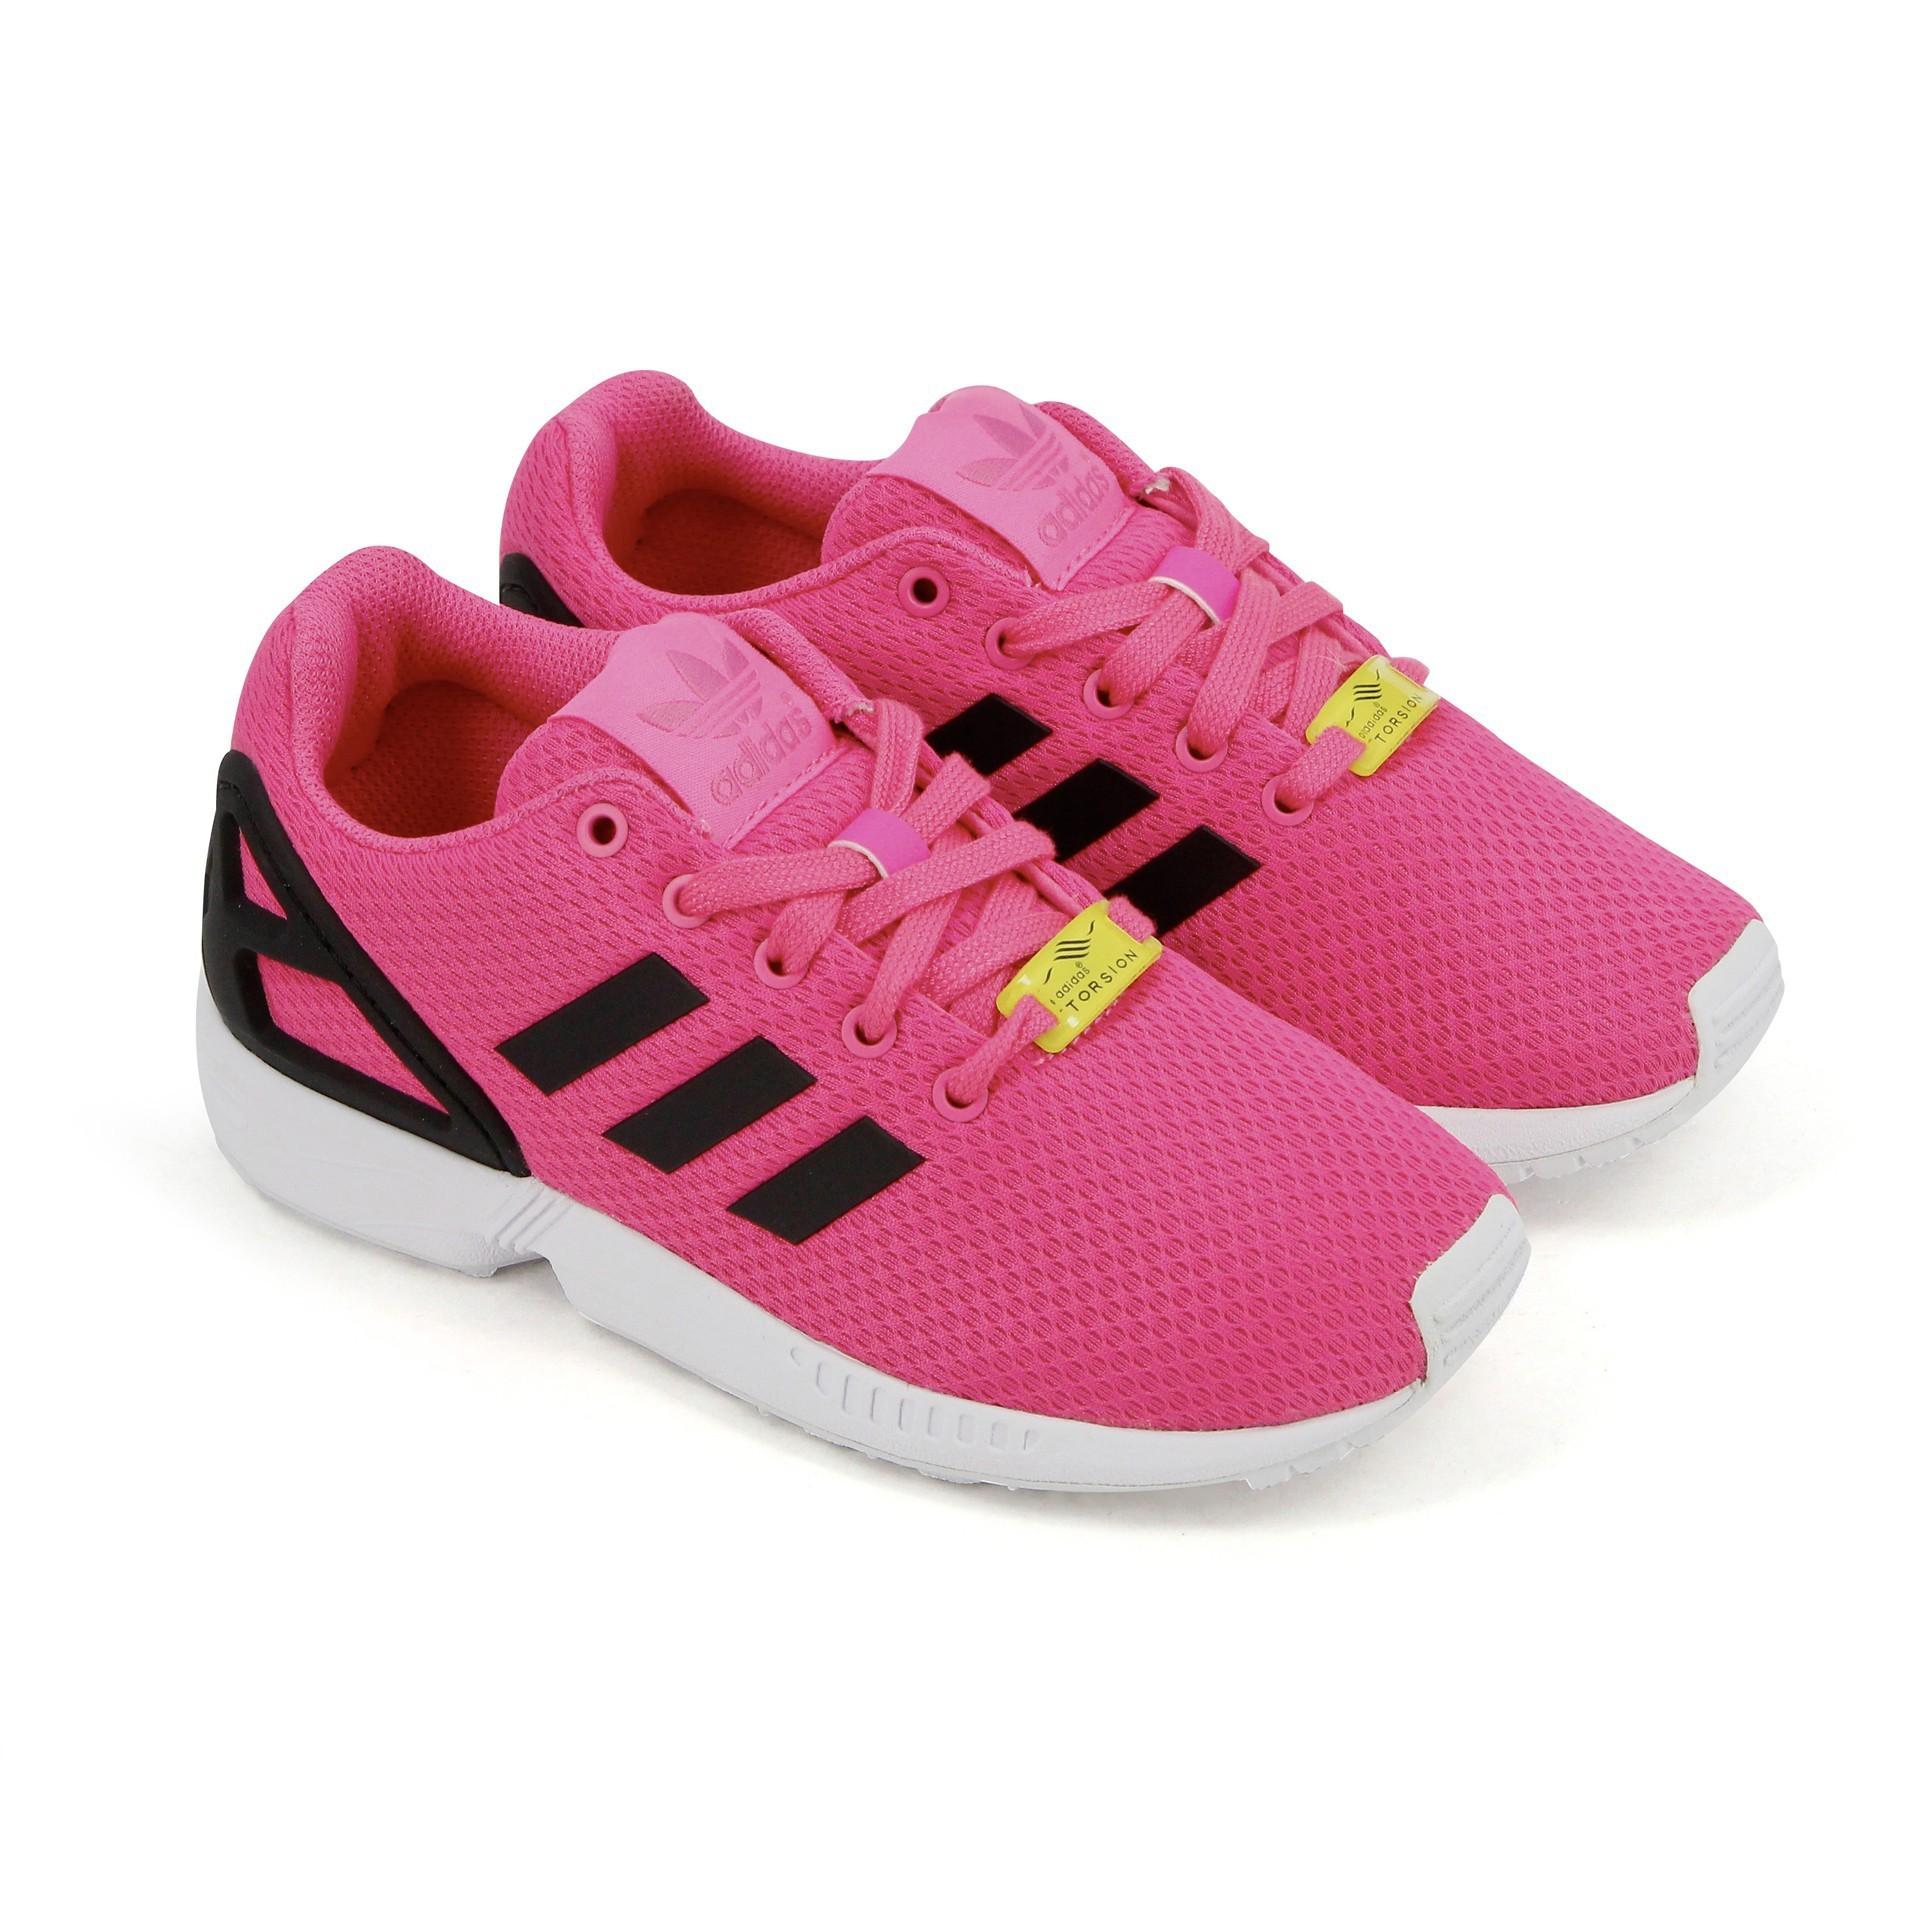 sélection premium 5889e 12873 adidas zx flux rose fluo femme